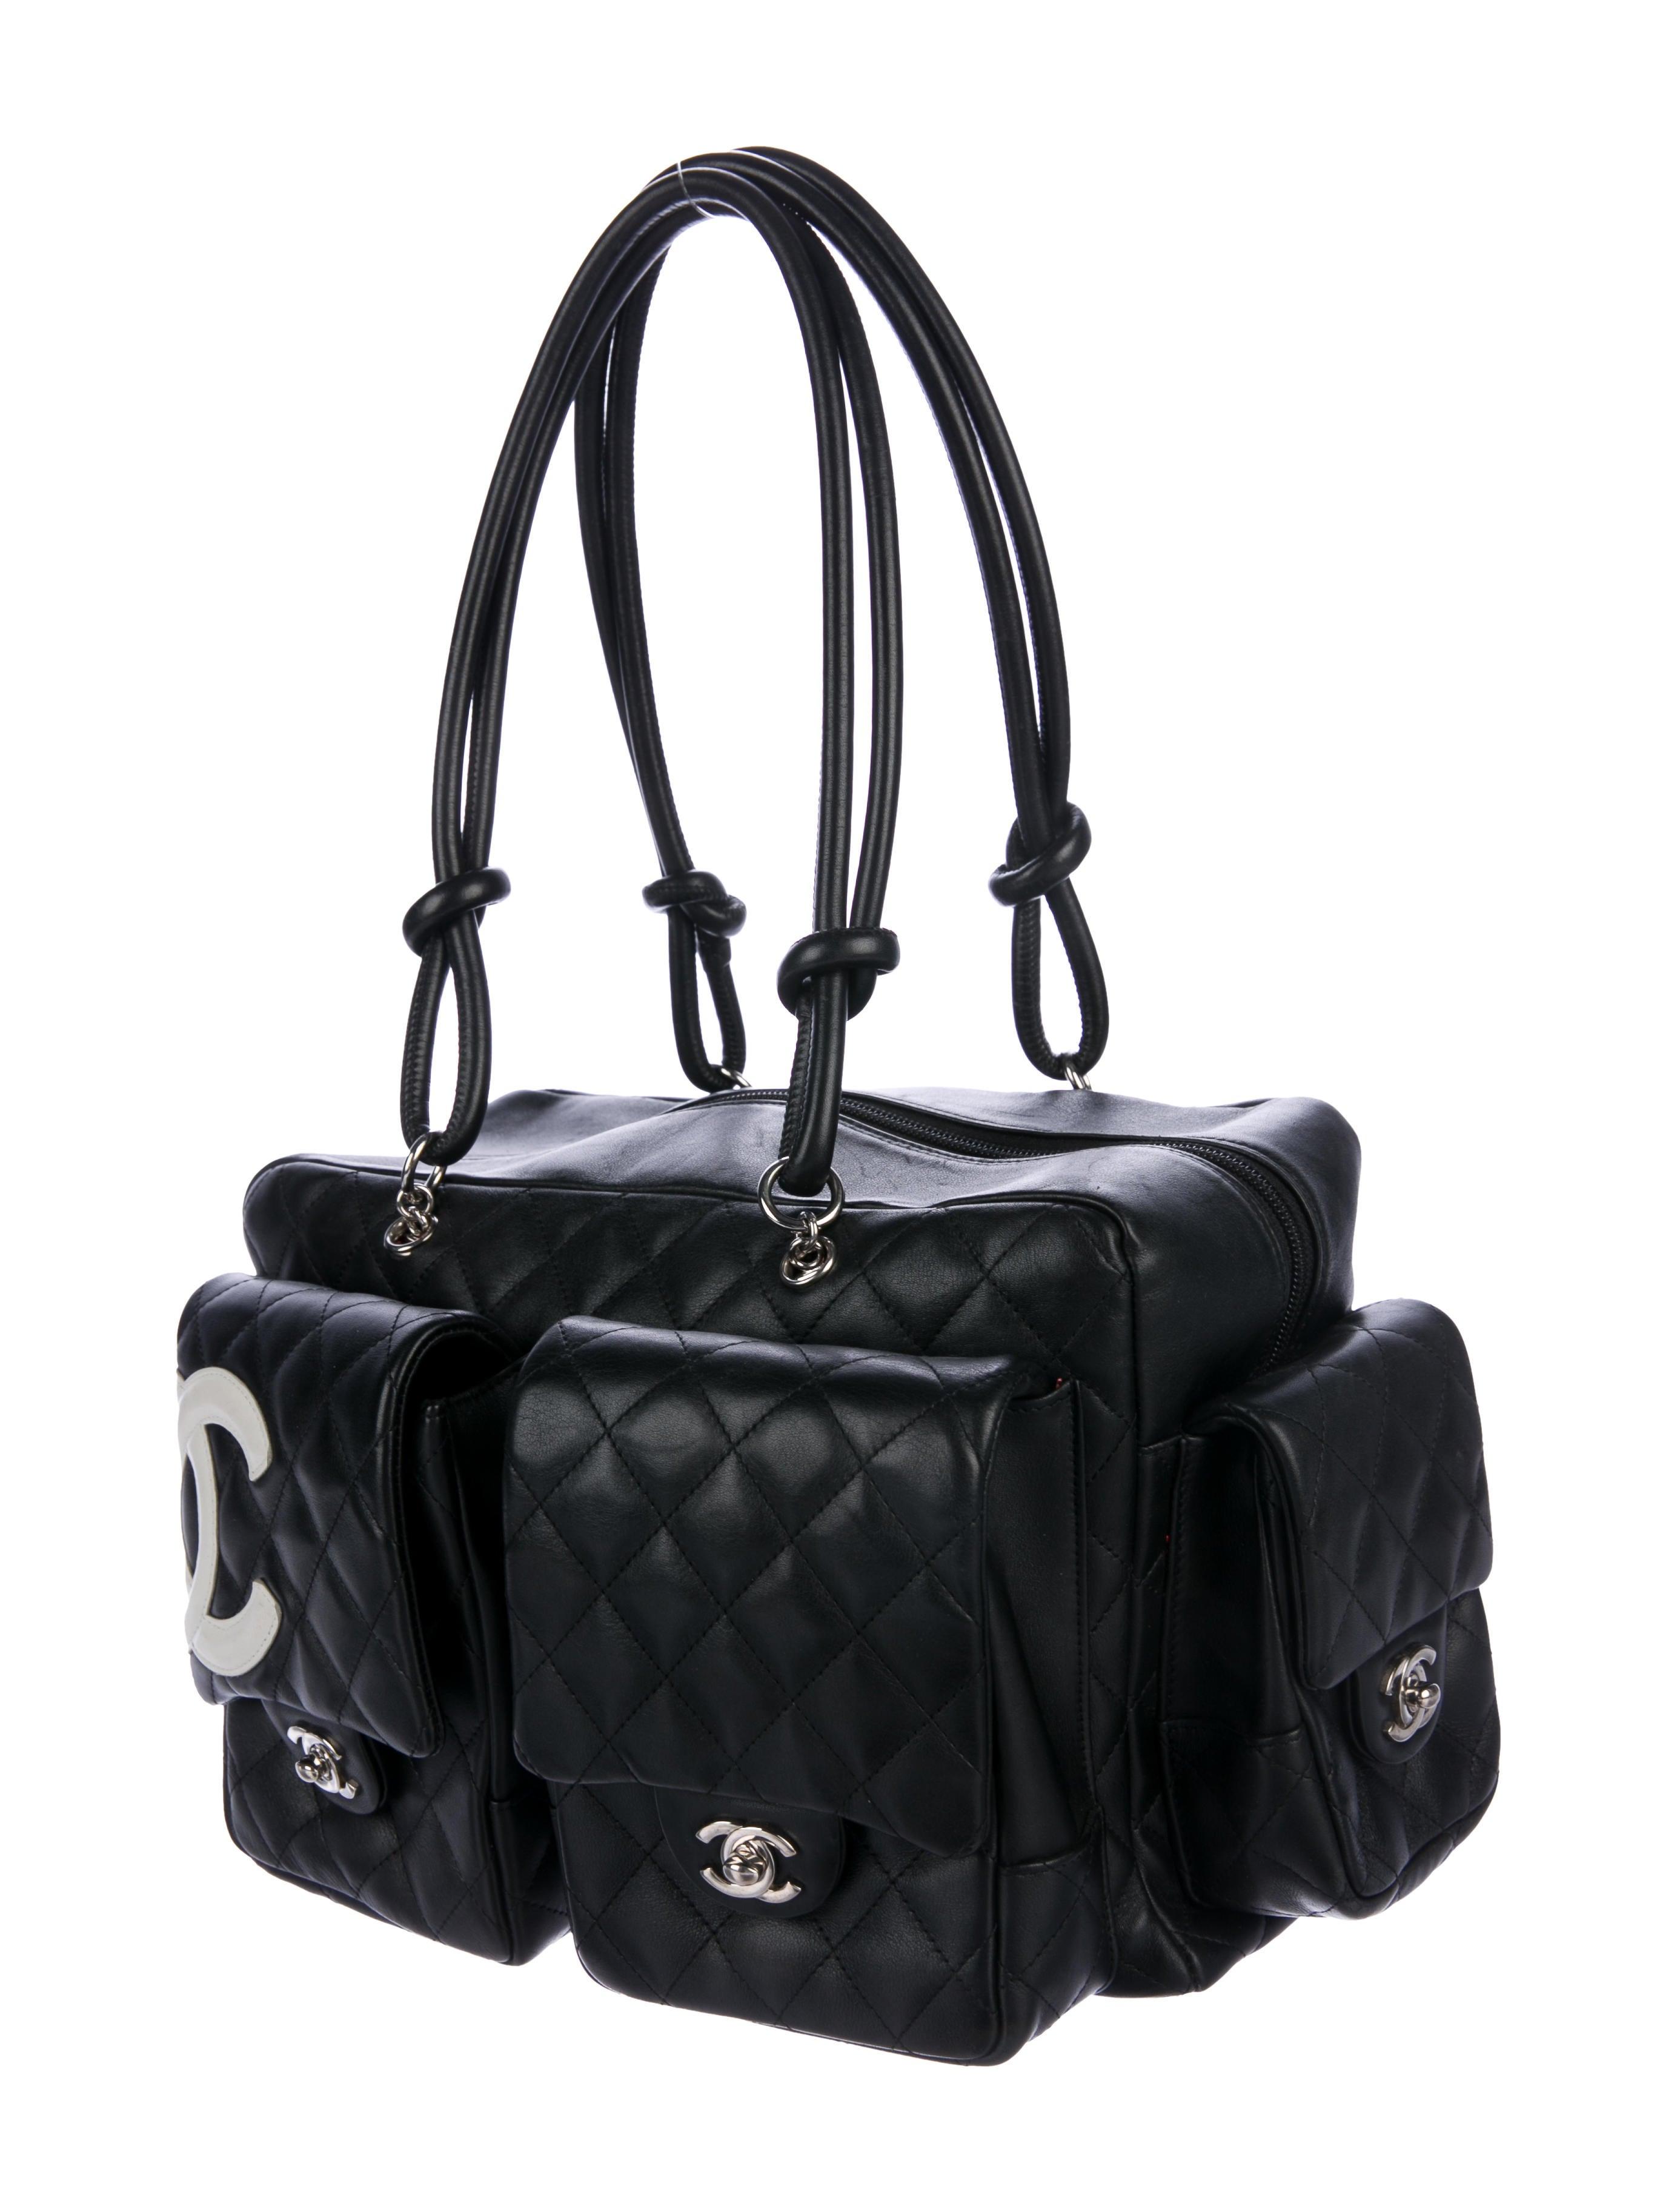 bece8532af16 Chanel Large Ligne Cambon Reporter Bag - Handbags - CHA248308